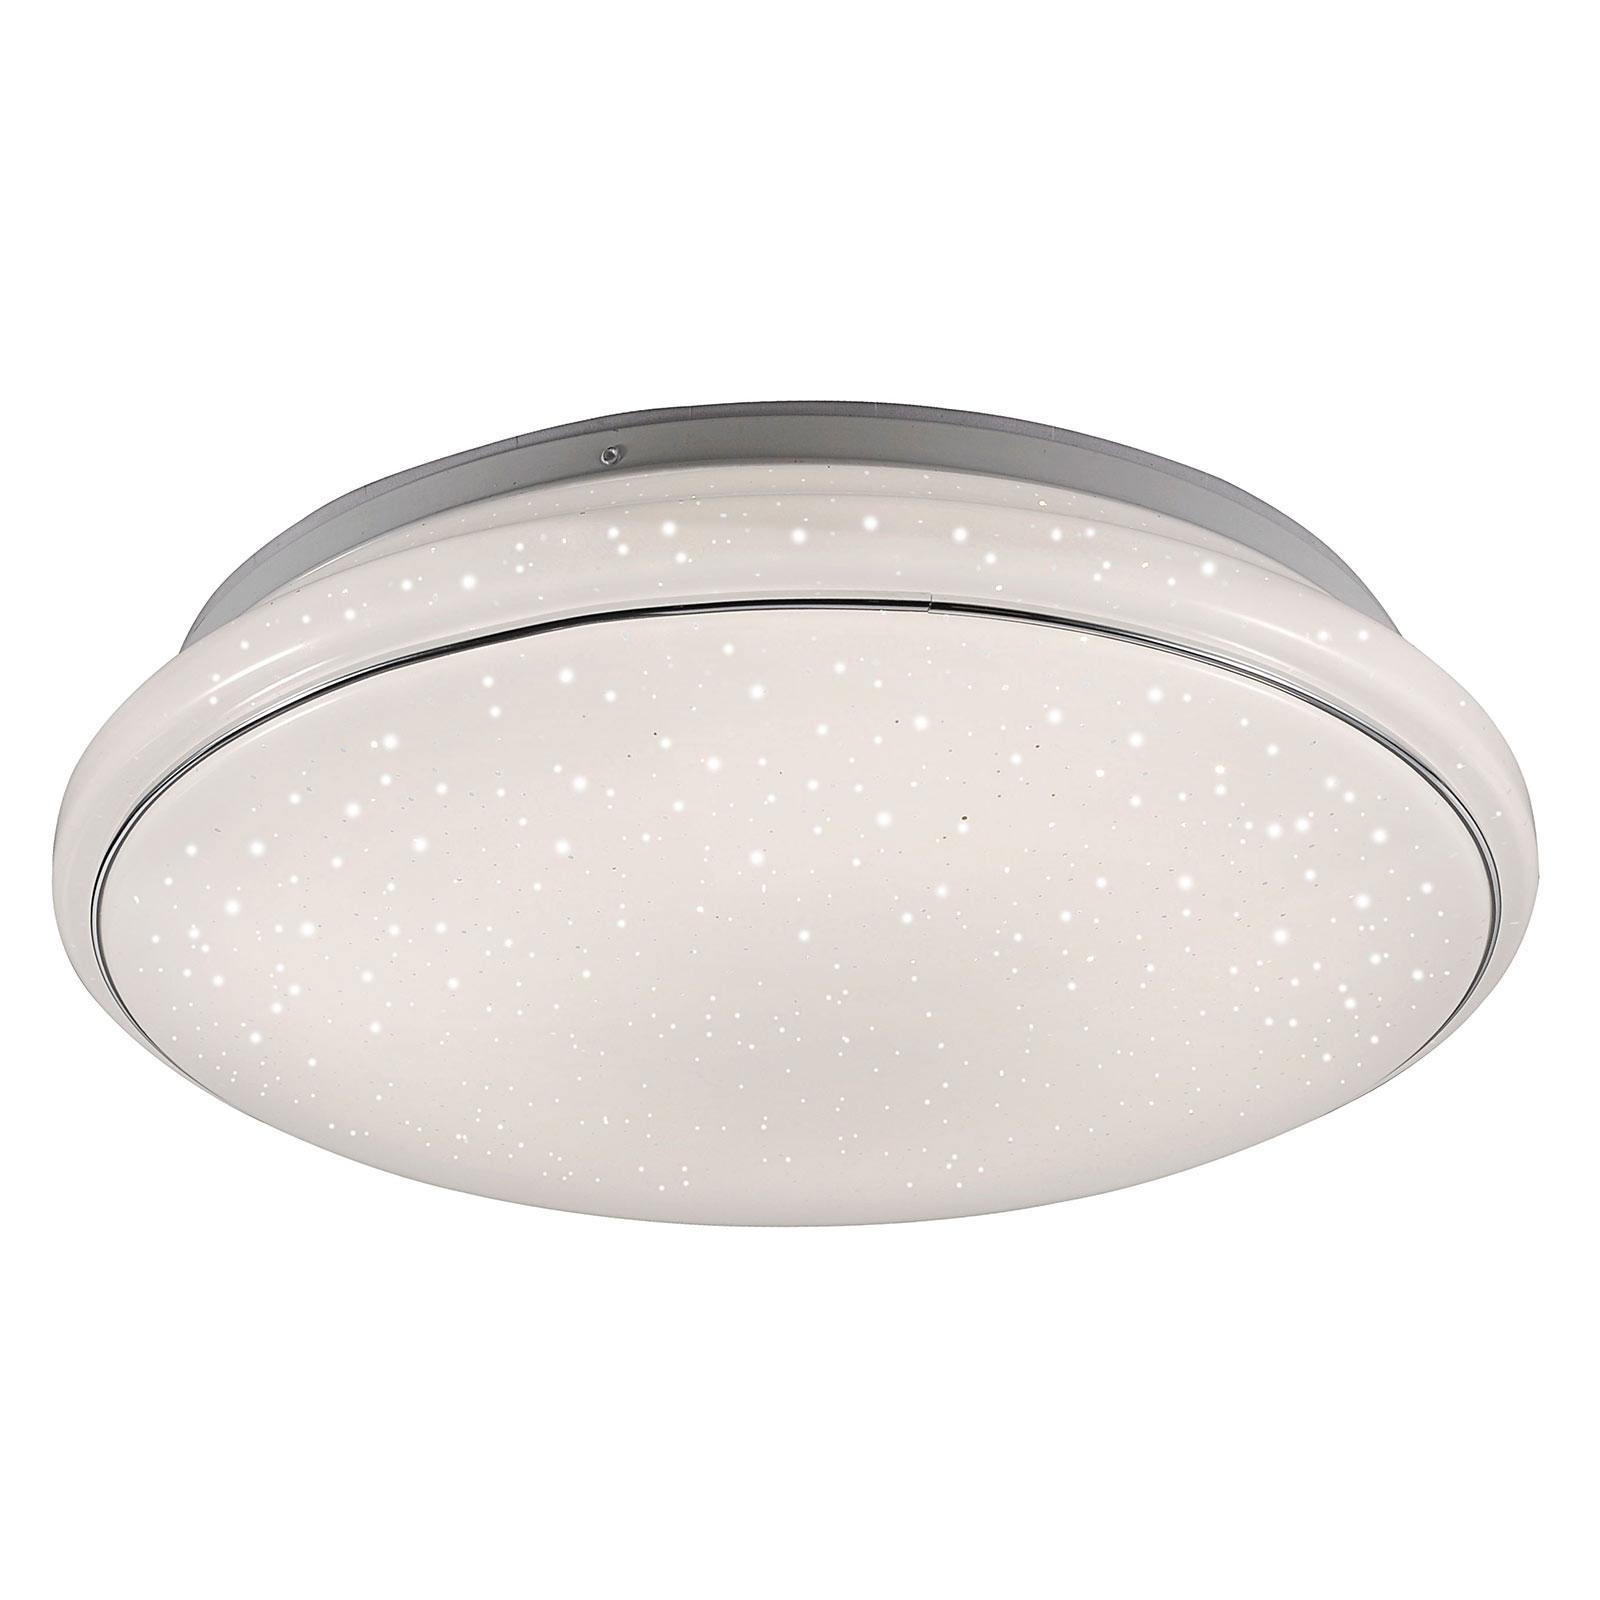 Lampa sufitowa LED LOLAsmart Jupi, Ø 59 cm